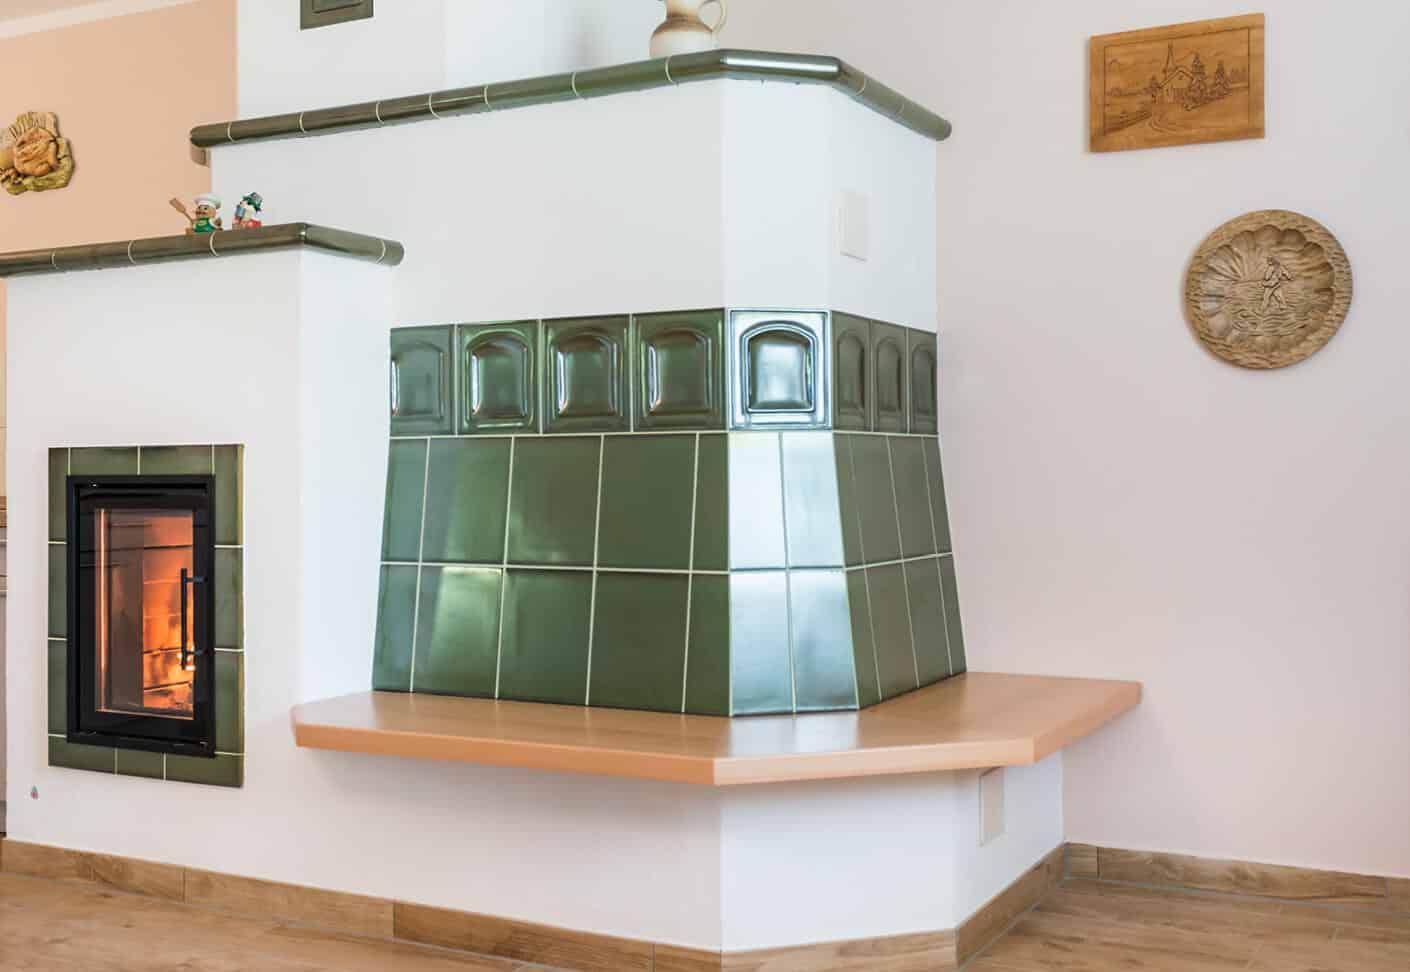 Speicherofen mit grünen Fliesen und Ofenbank